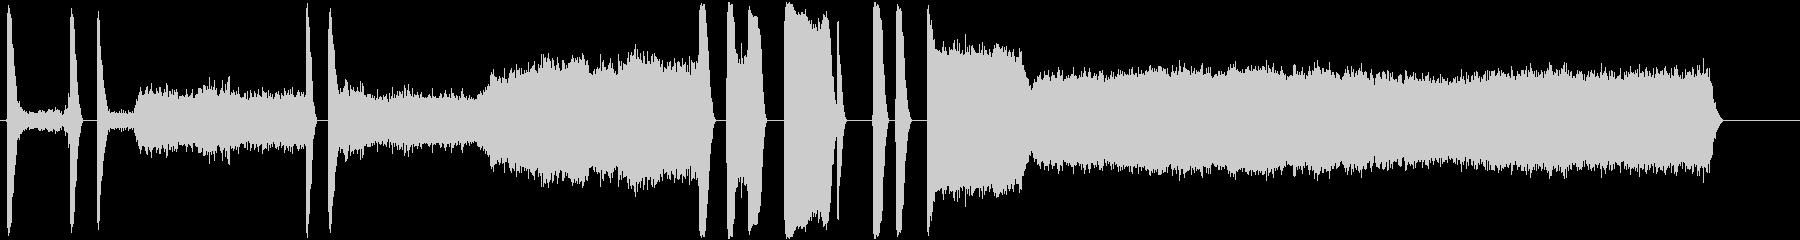 松明;アセチレン;大音量でアセチレ...の未再生の波形